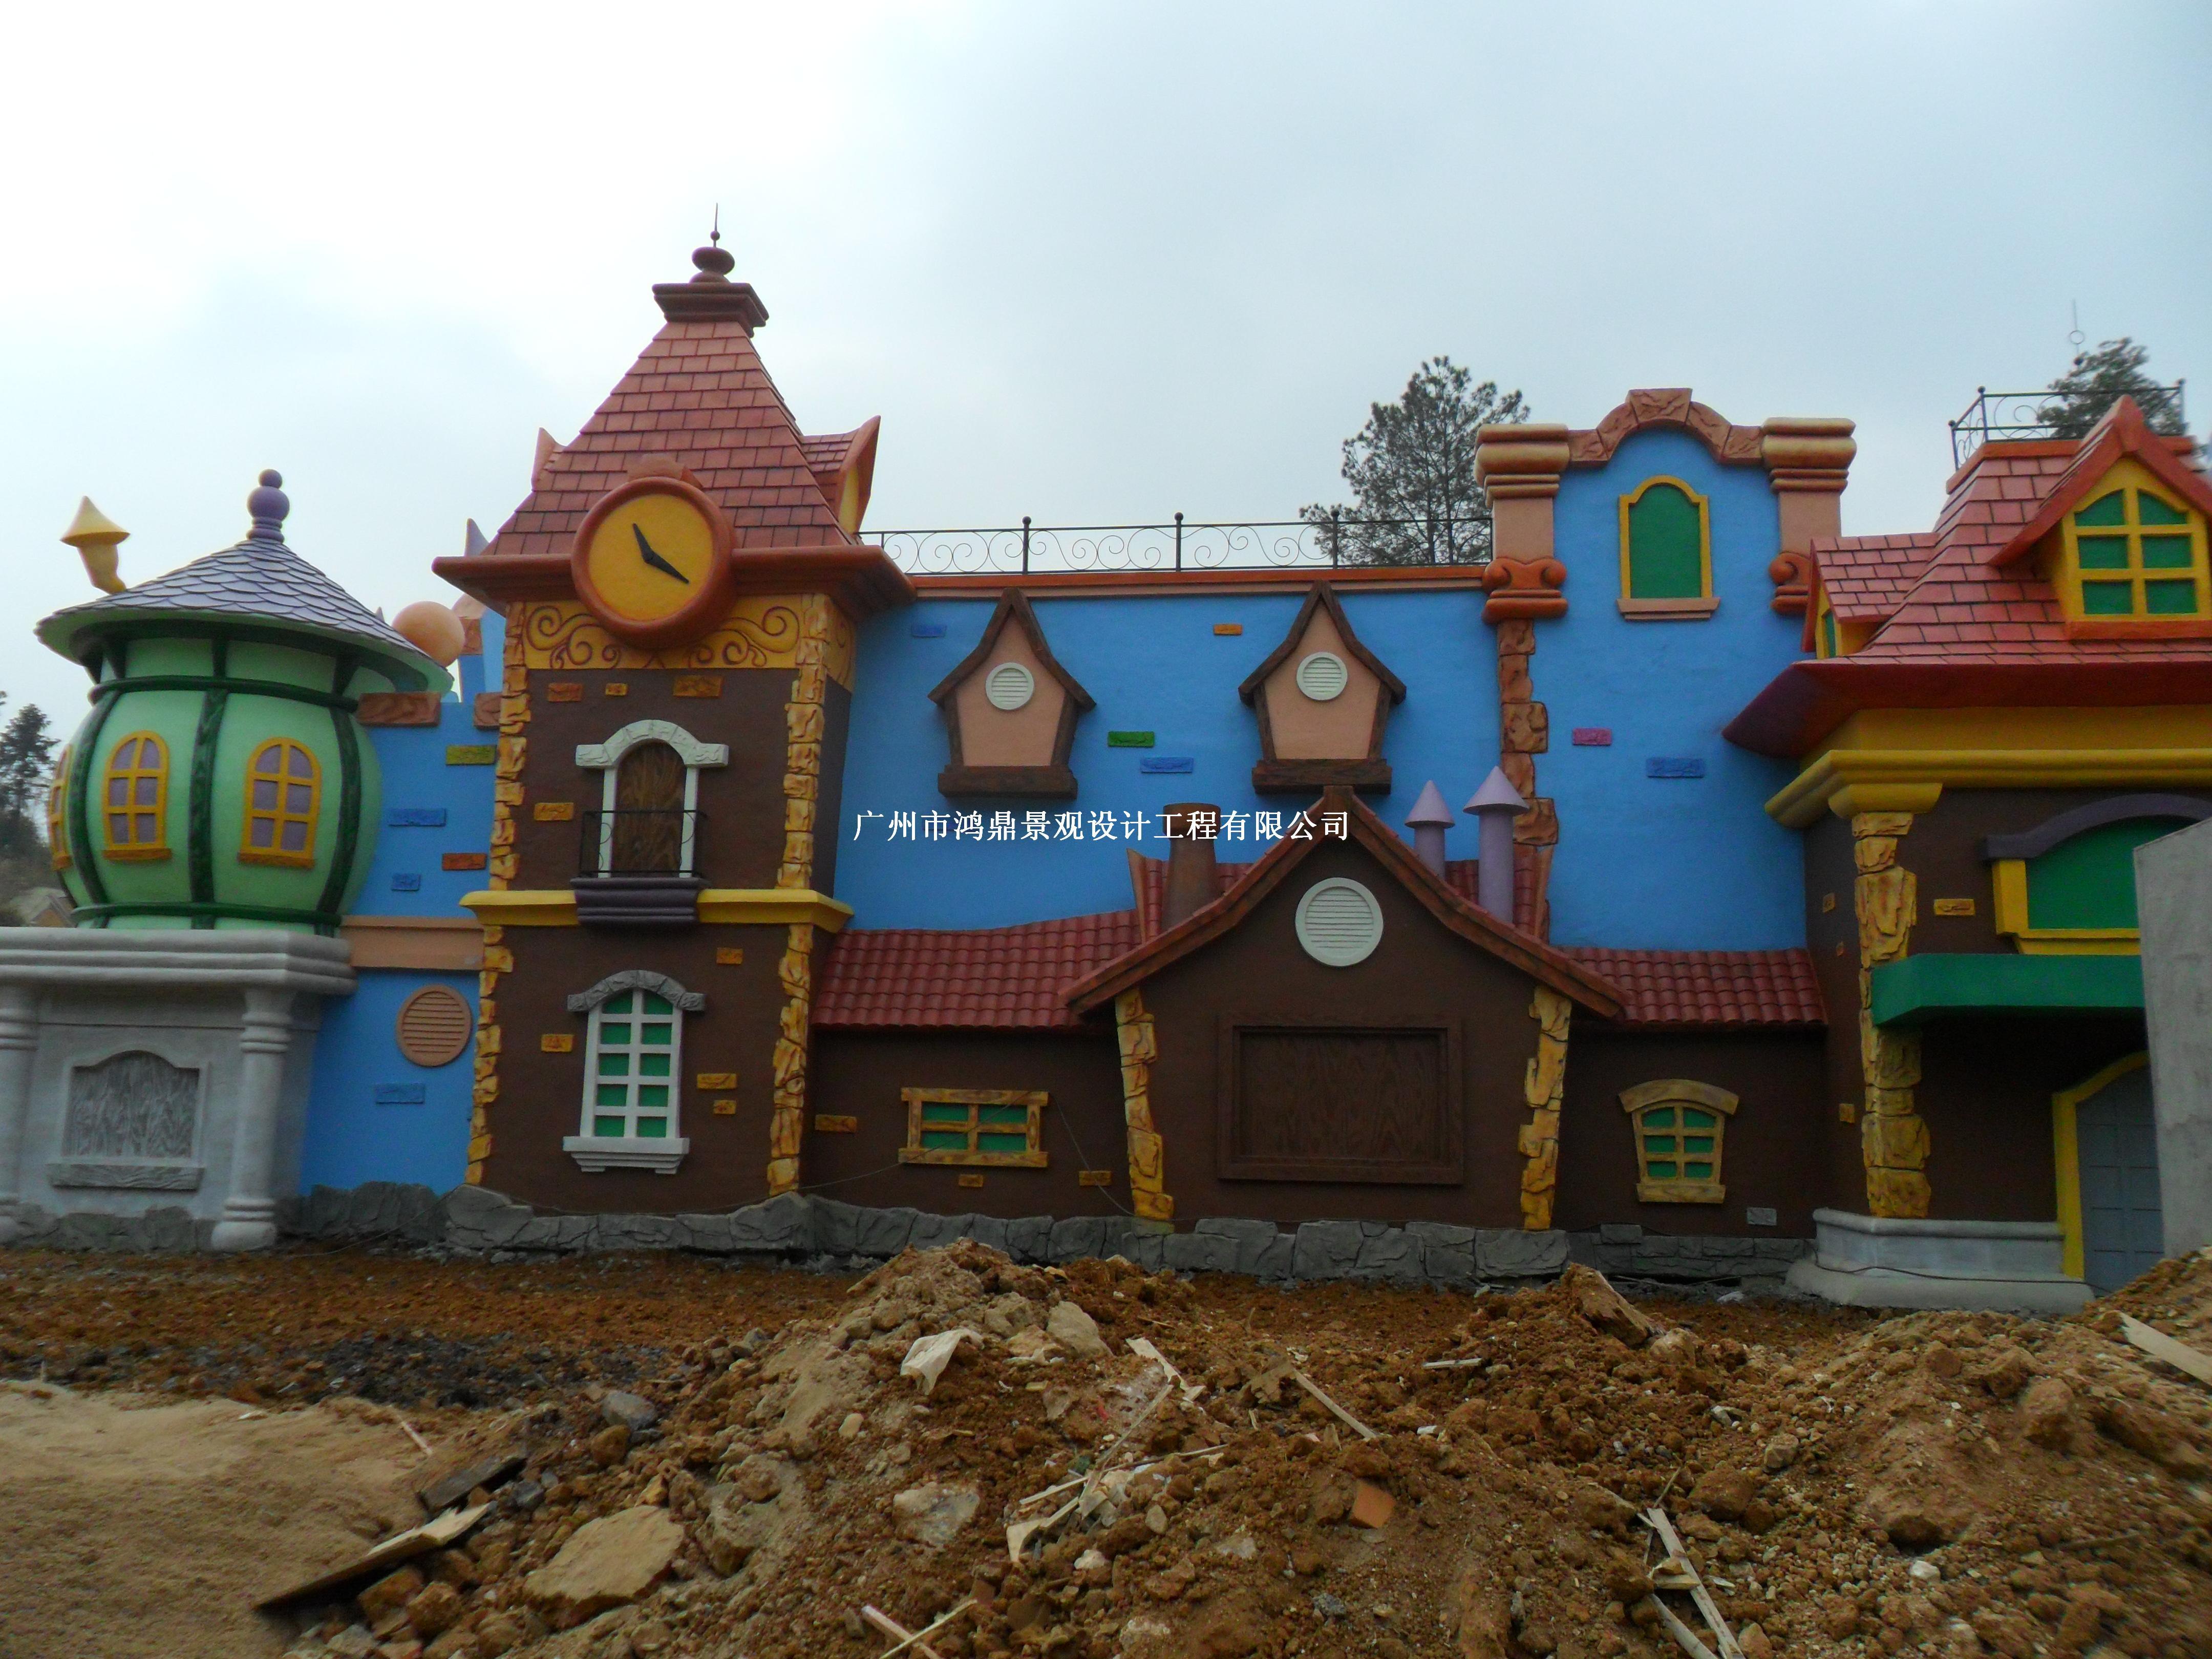 关键词:儿童乐园雕塑,儿童雕塑